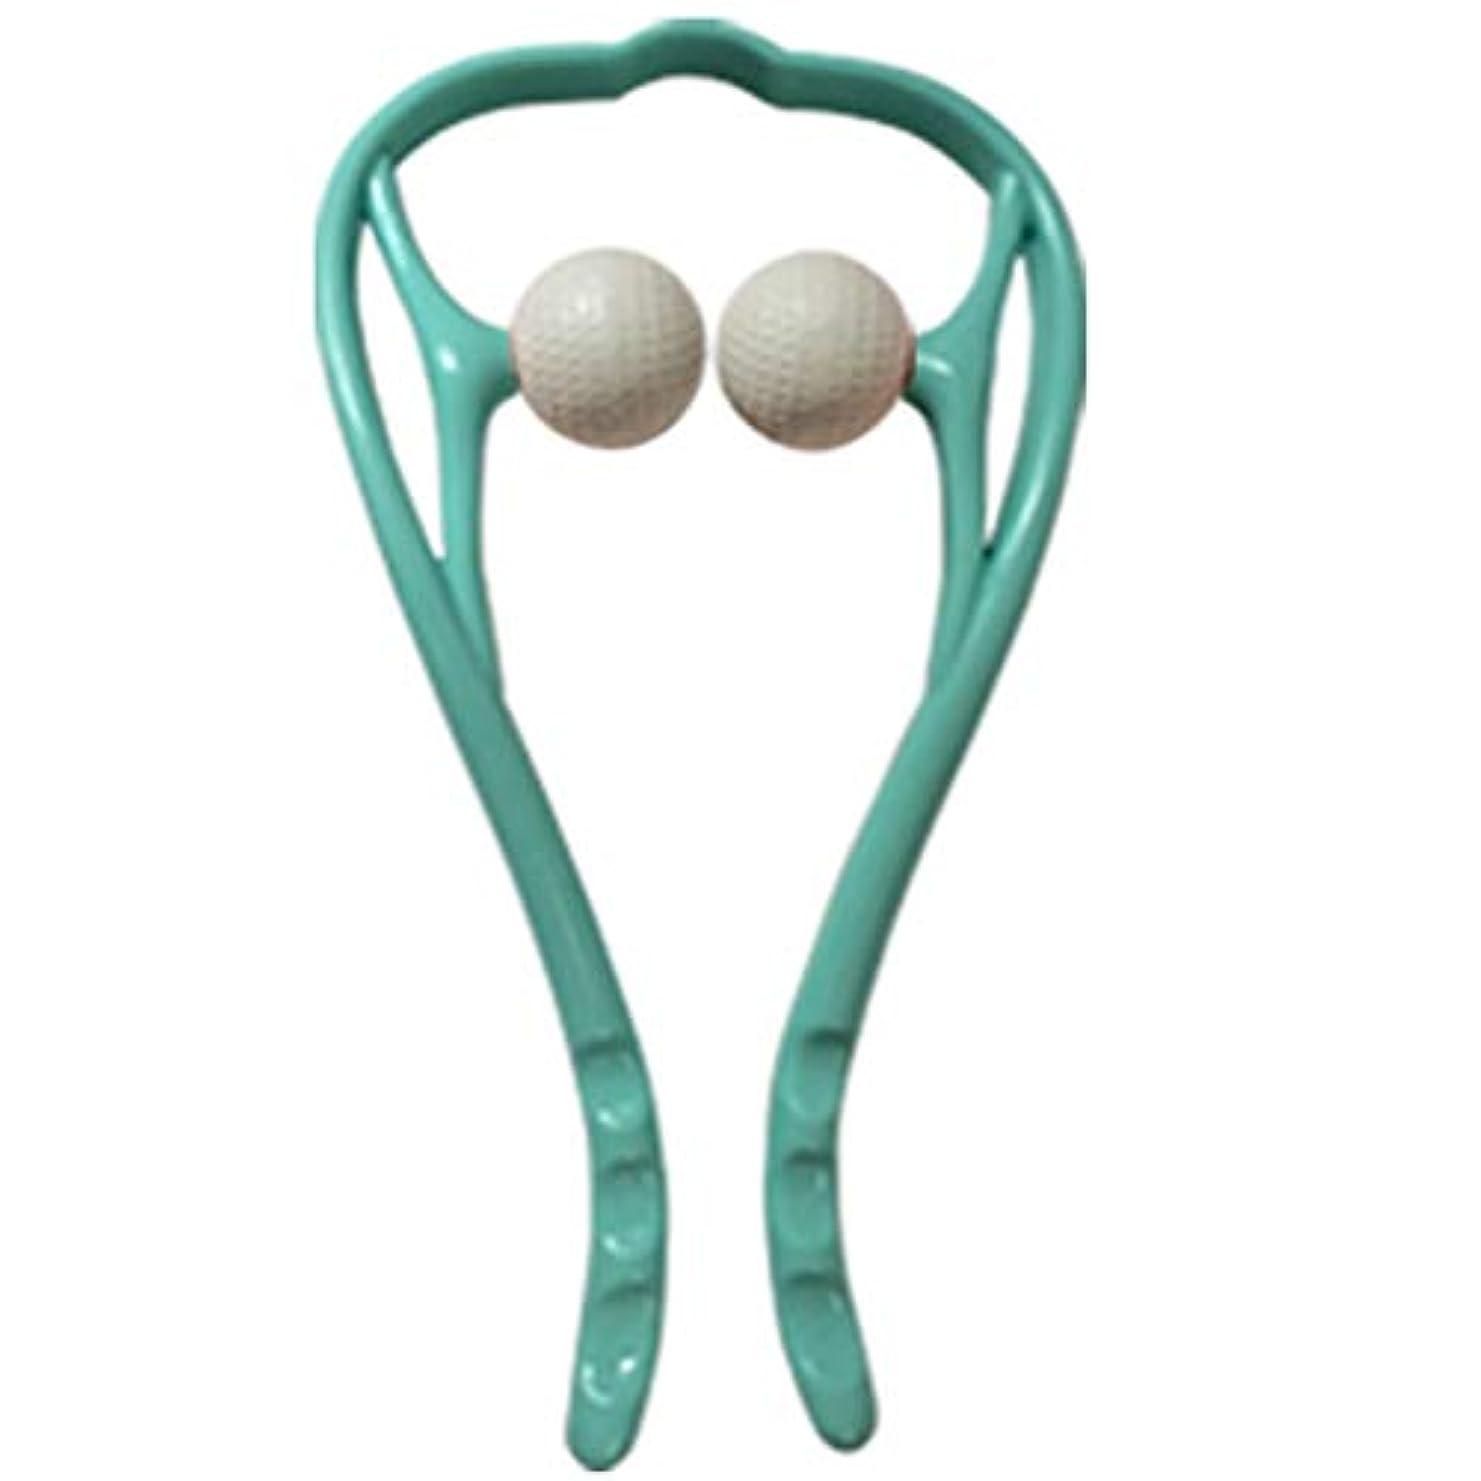 モールナチュラ交渉する手動首のマッサージャーの球の頚部U字型ハンドルの圧力点のマッサージャー手動自己筋肉マッサージ,Blue